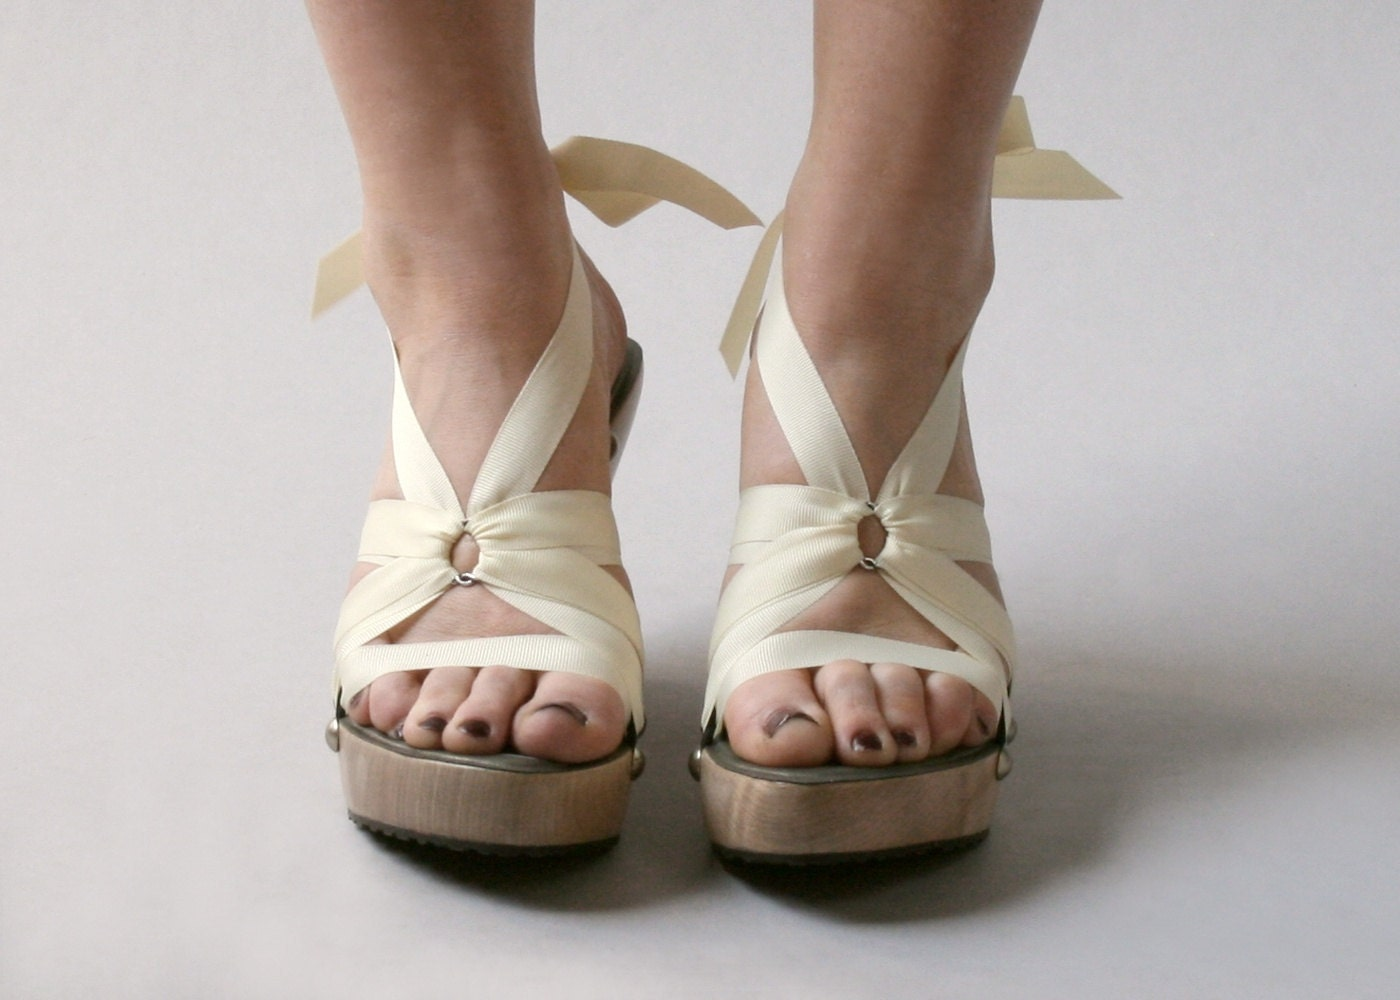 اندازه 5 -- بالا افرا Mohop نقطه کفش دستباف